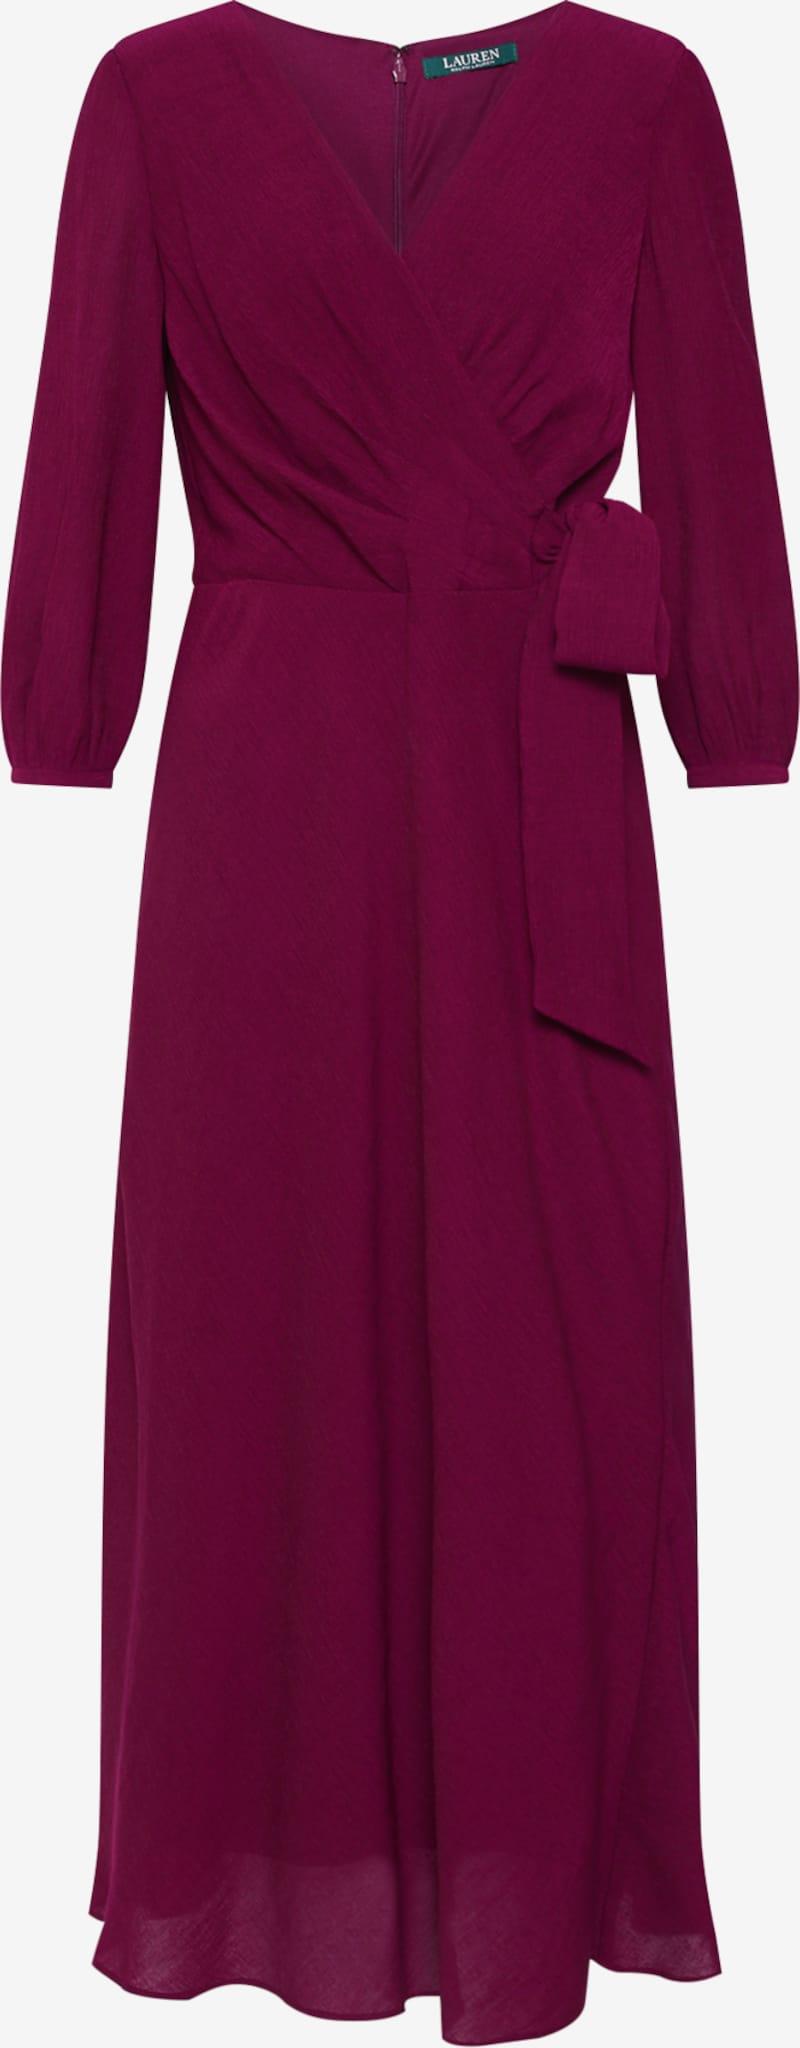 Lauren Ralph Lauren Koktélruhák online vásárlása | ABOUT YOU